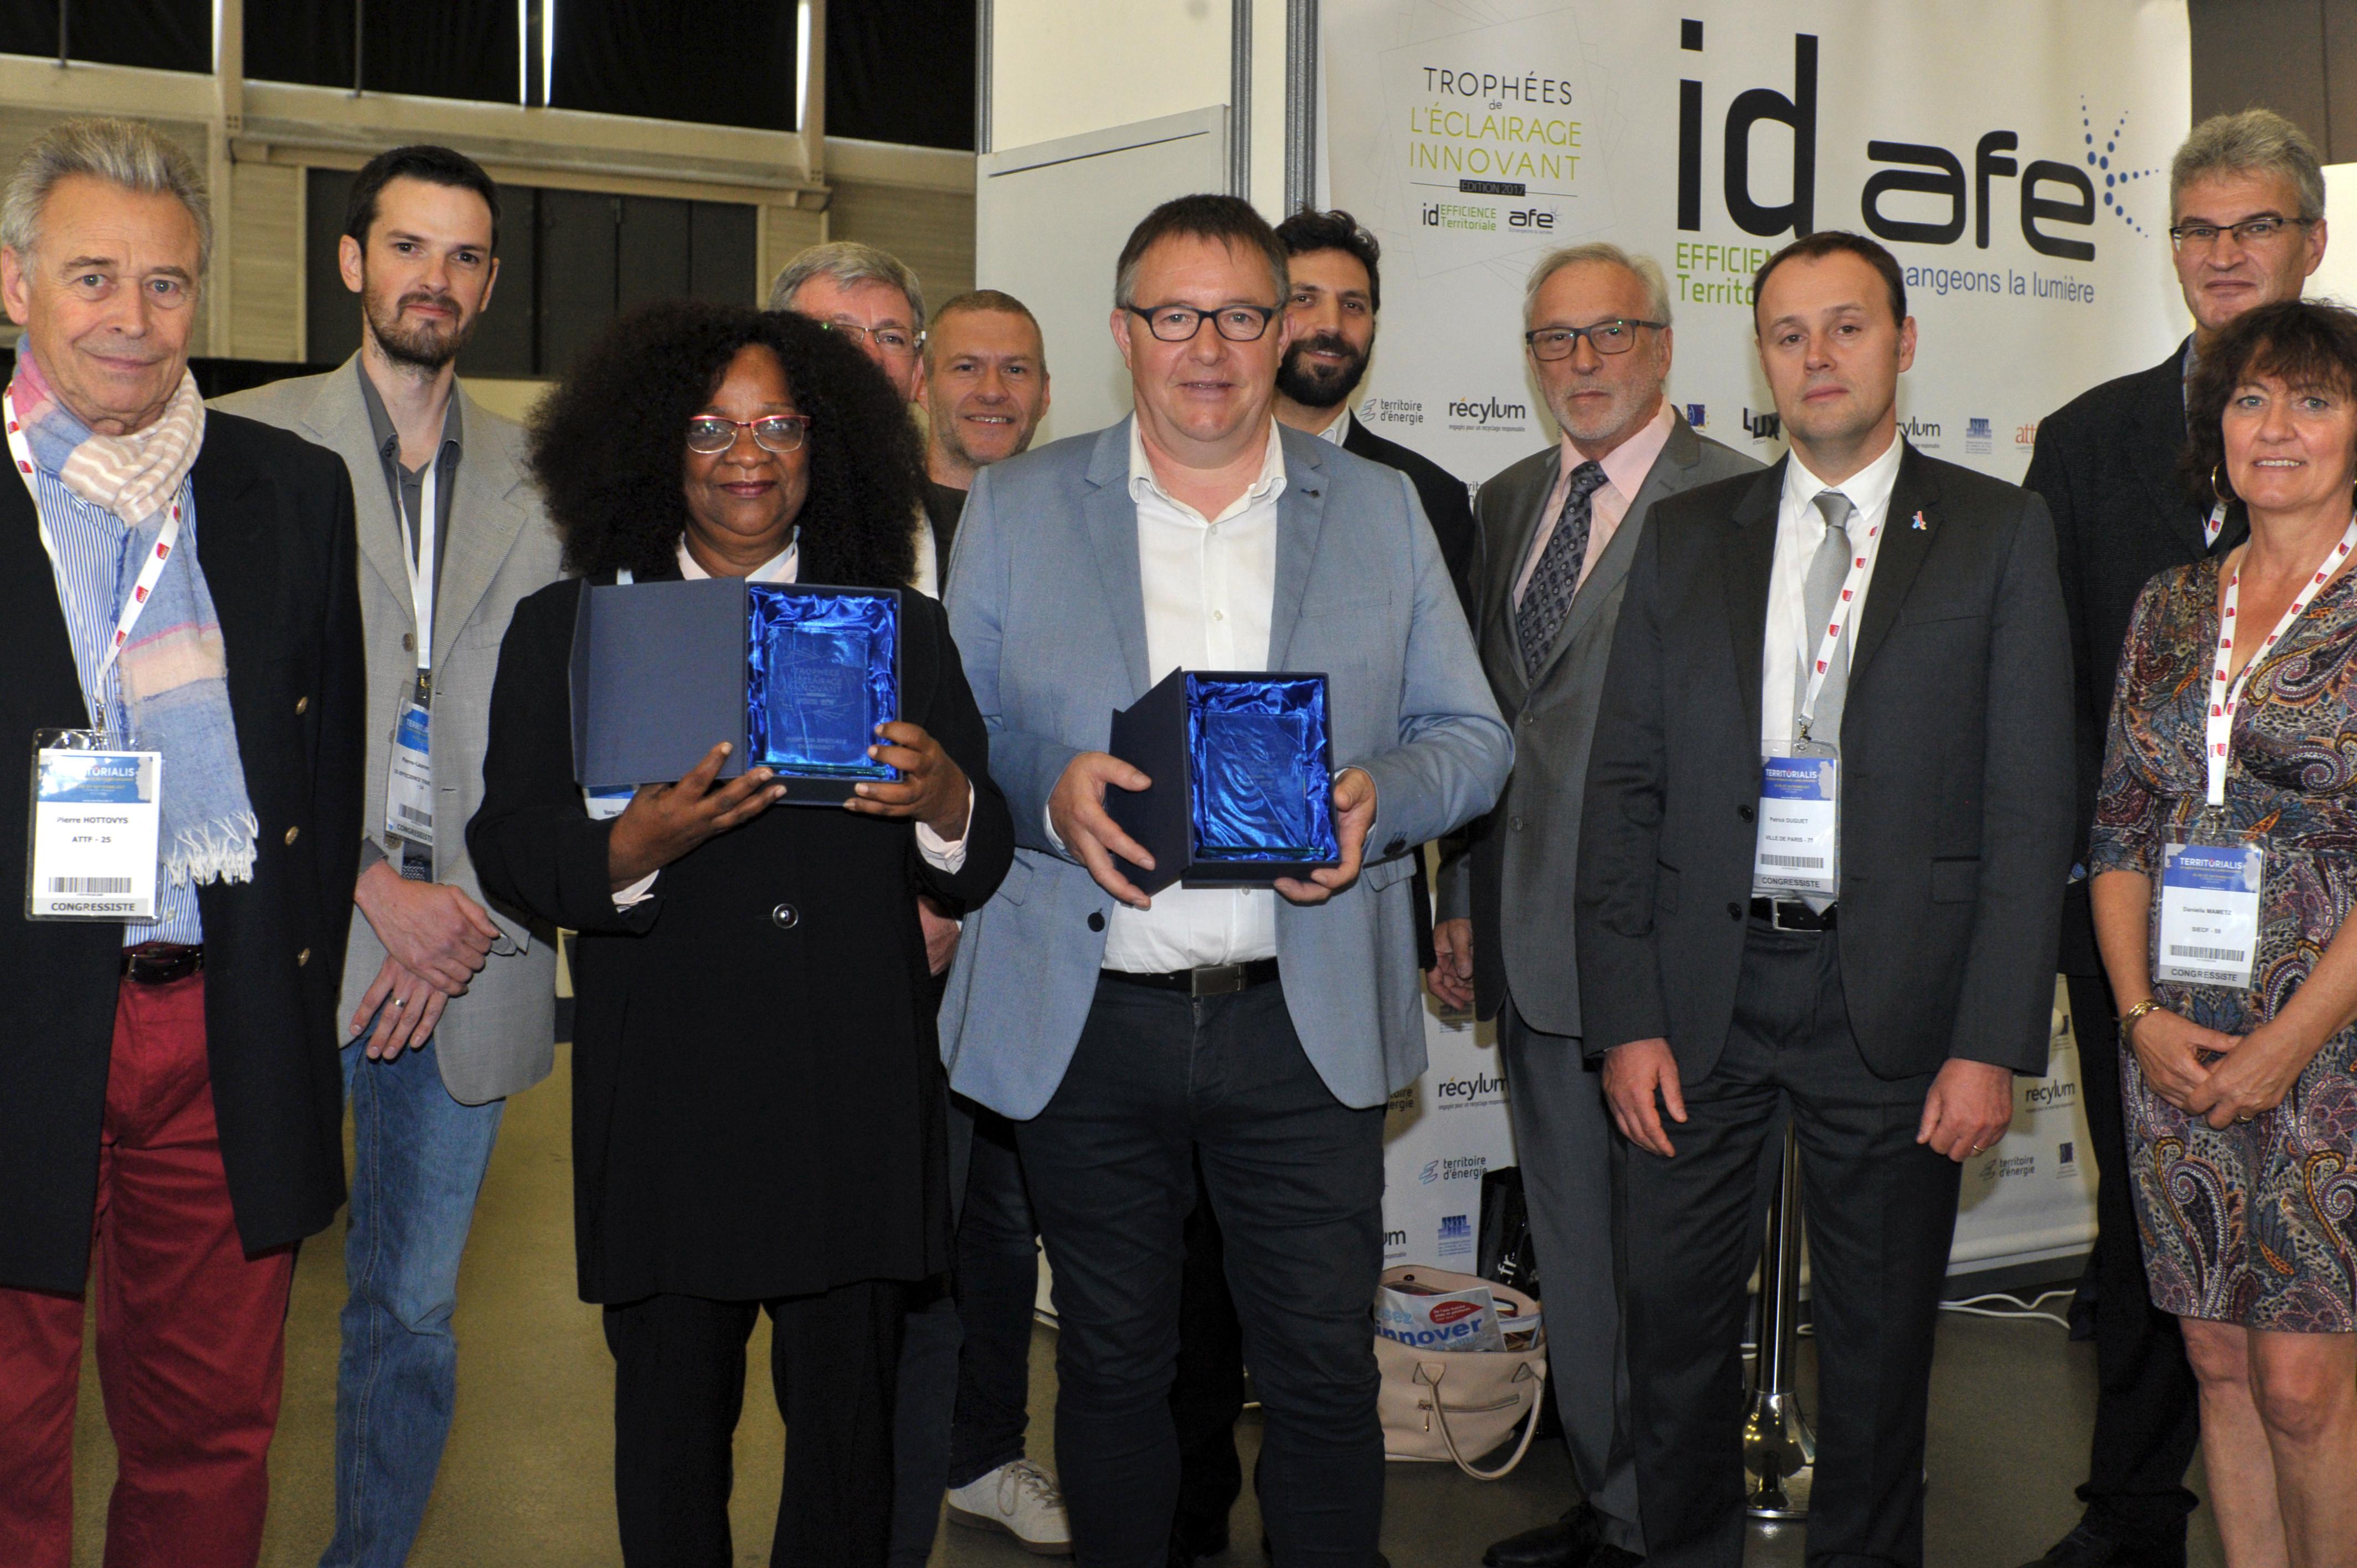 Les lauréats de la 2e édition des Trophées de l'éclairage innovant AFE / ID